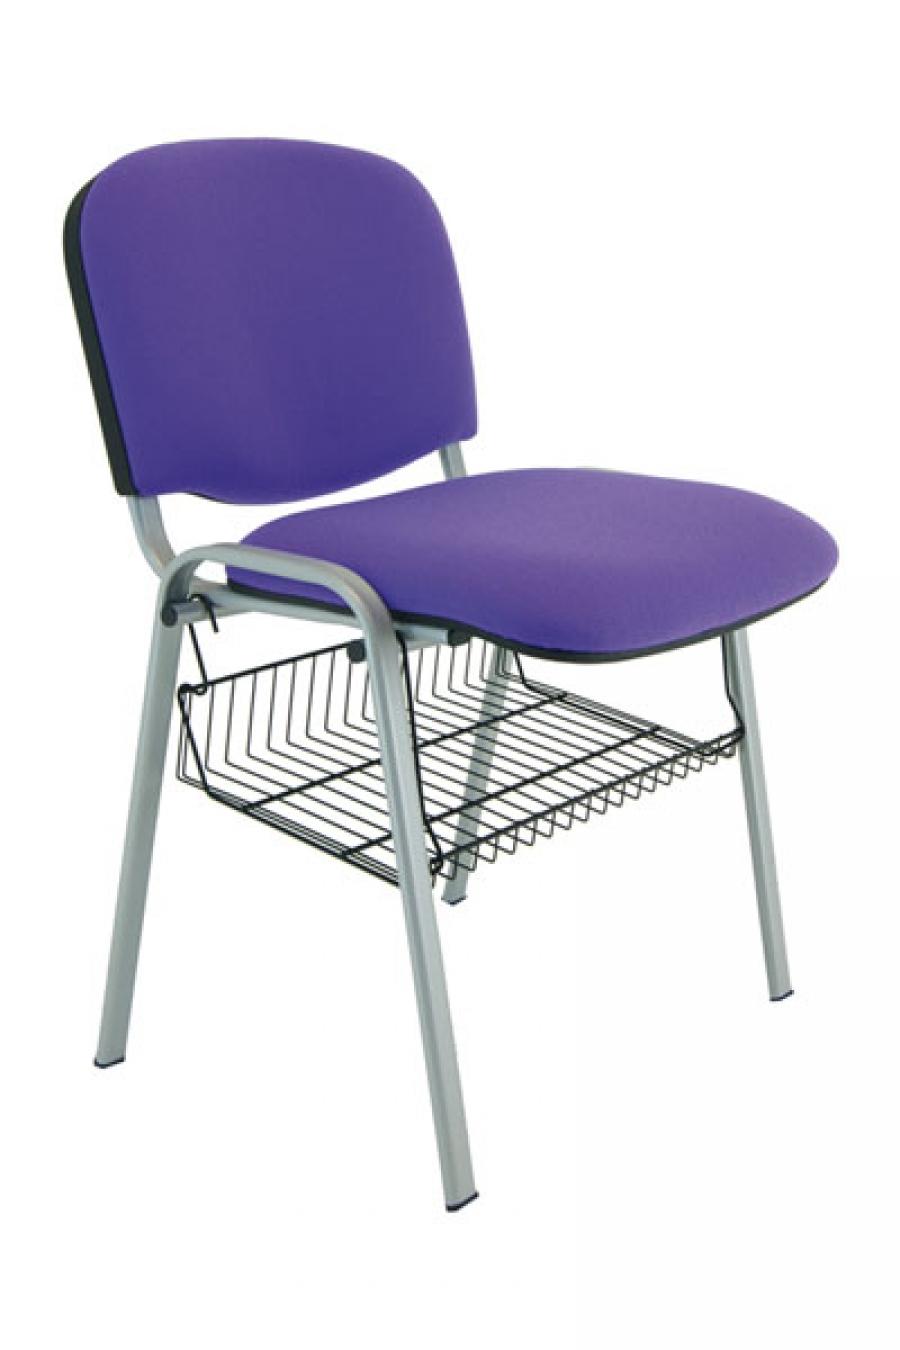 Sillas con rejilla para libros - Reparacion de sillas de rejilla ...